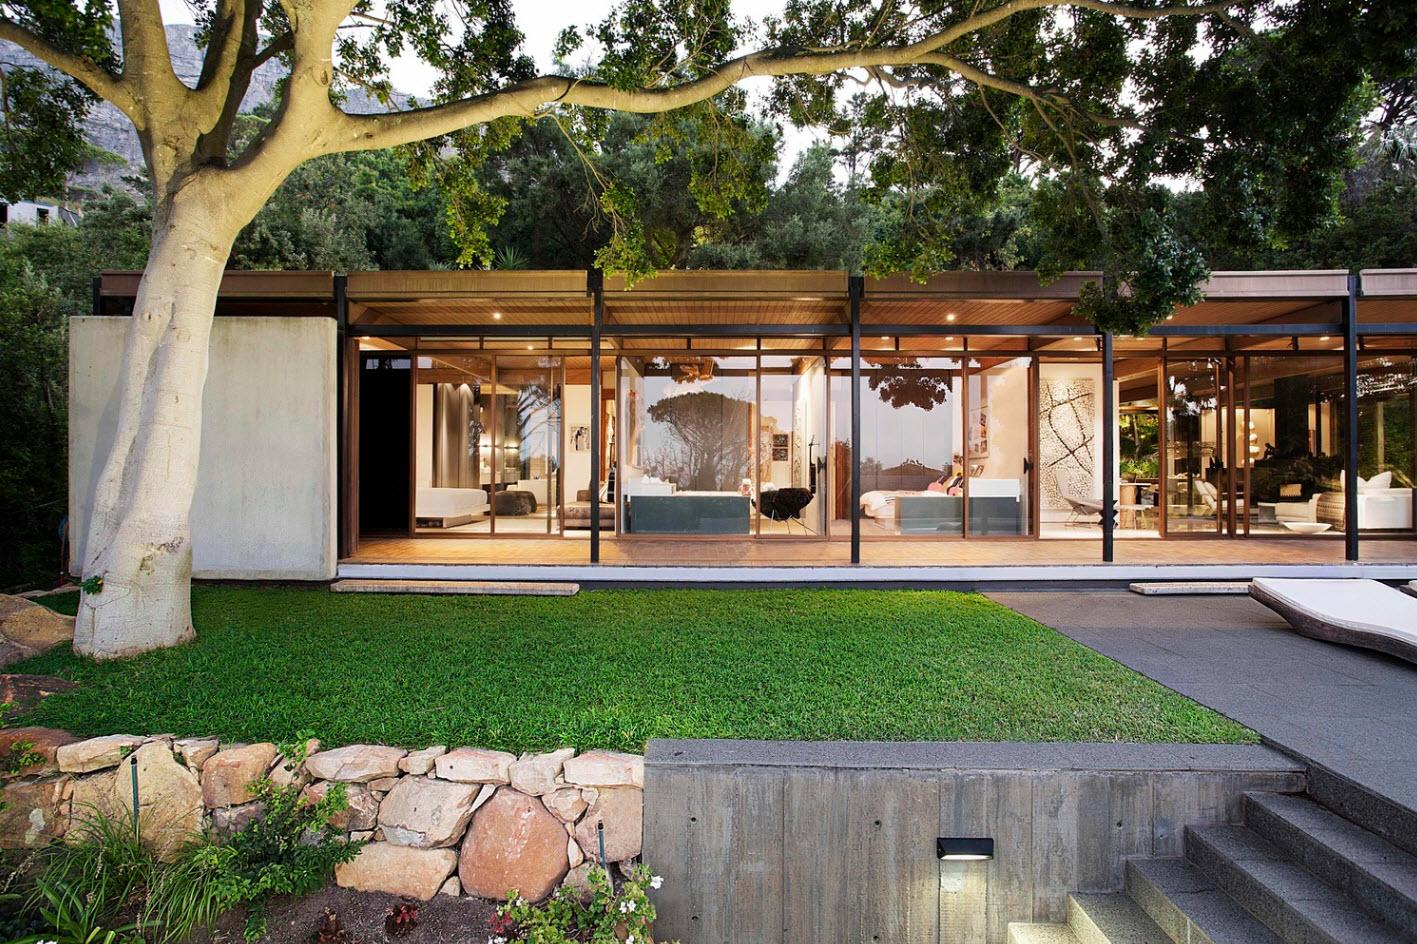 Dise o de moderna casa de monta a con impresionante vista for La casa moderna